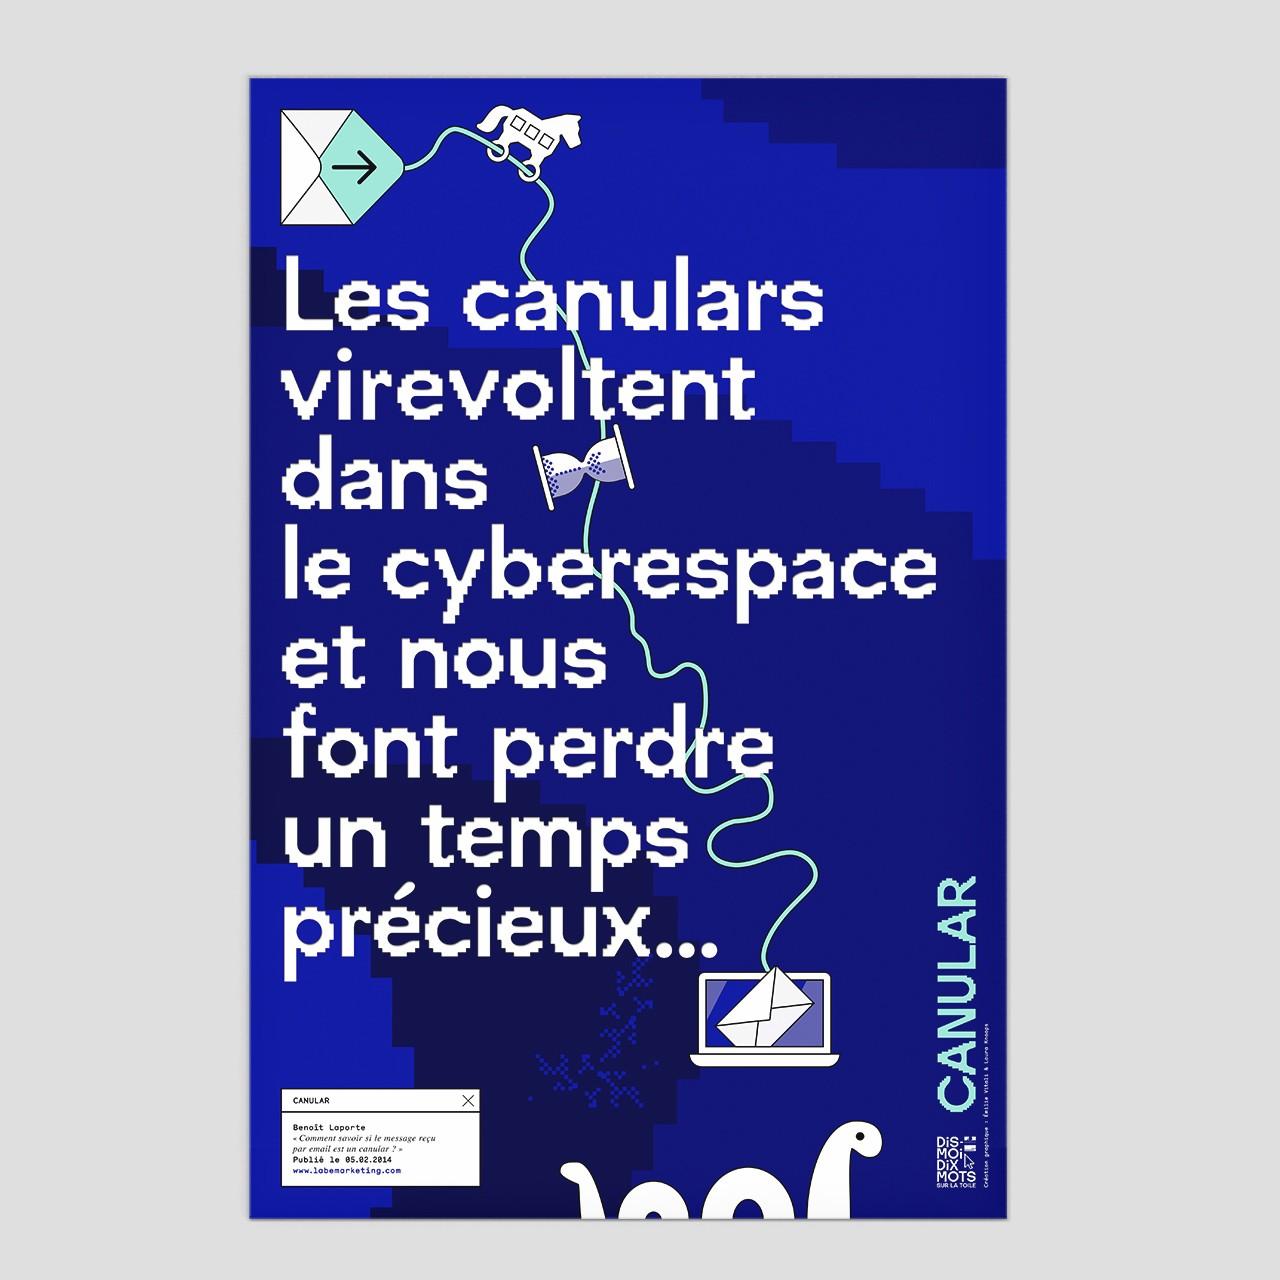 Design & Creative direction Dis-moi dix mots